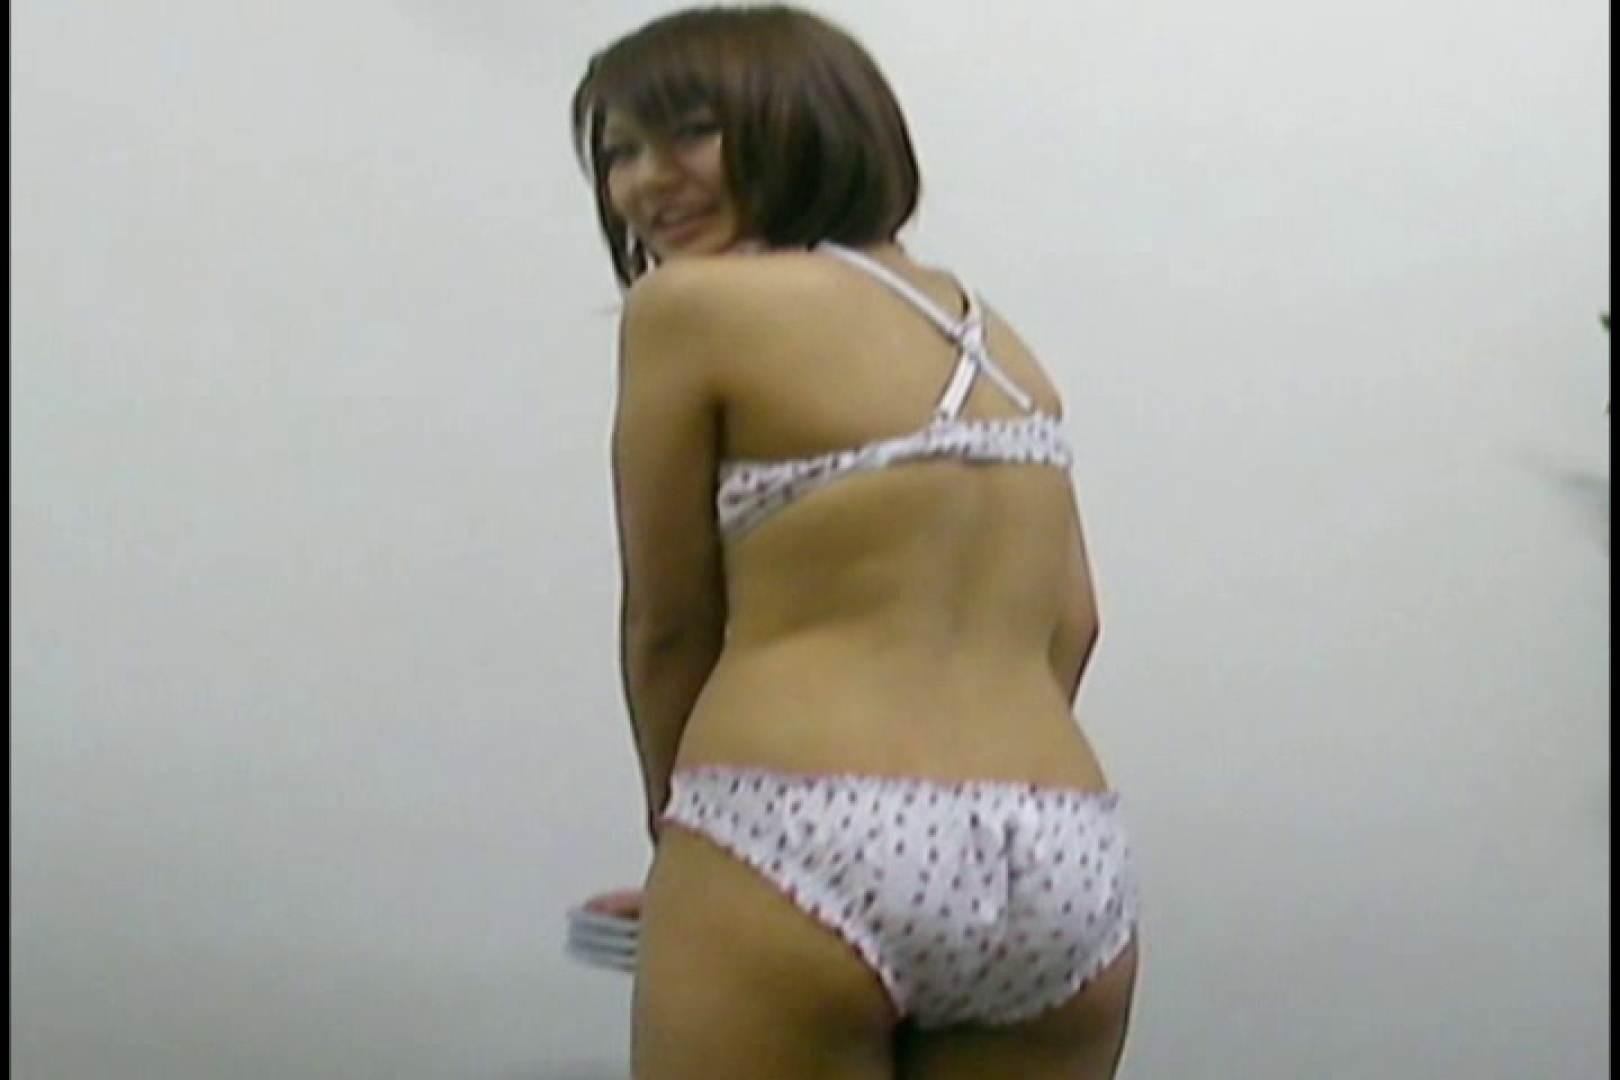 素人撮影 下着だけの撮影のはずが・・・ ゆな20歳 着替え ヌード画像 99pic 33